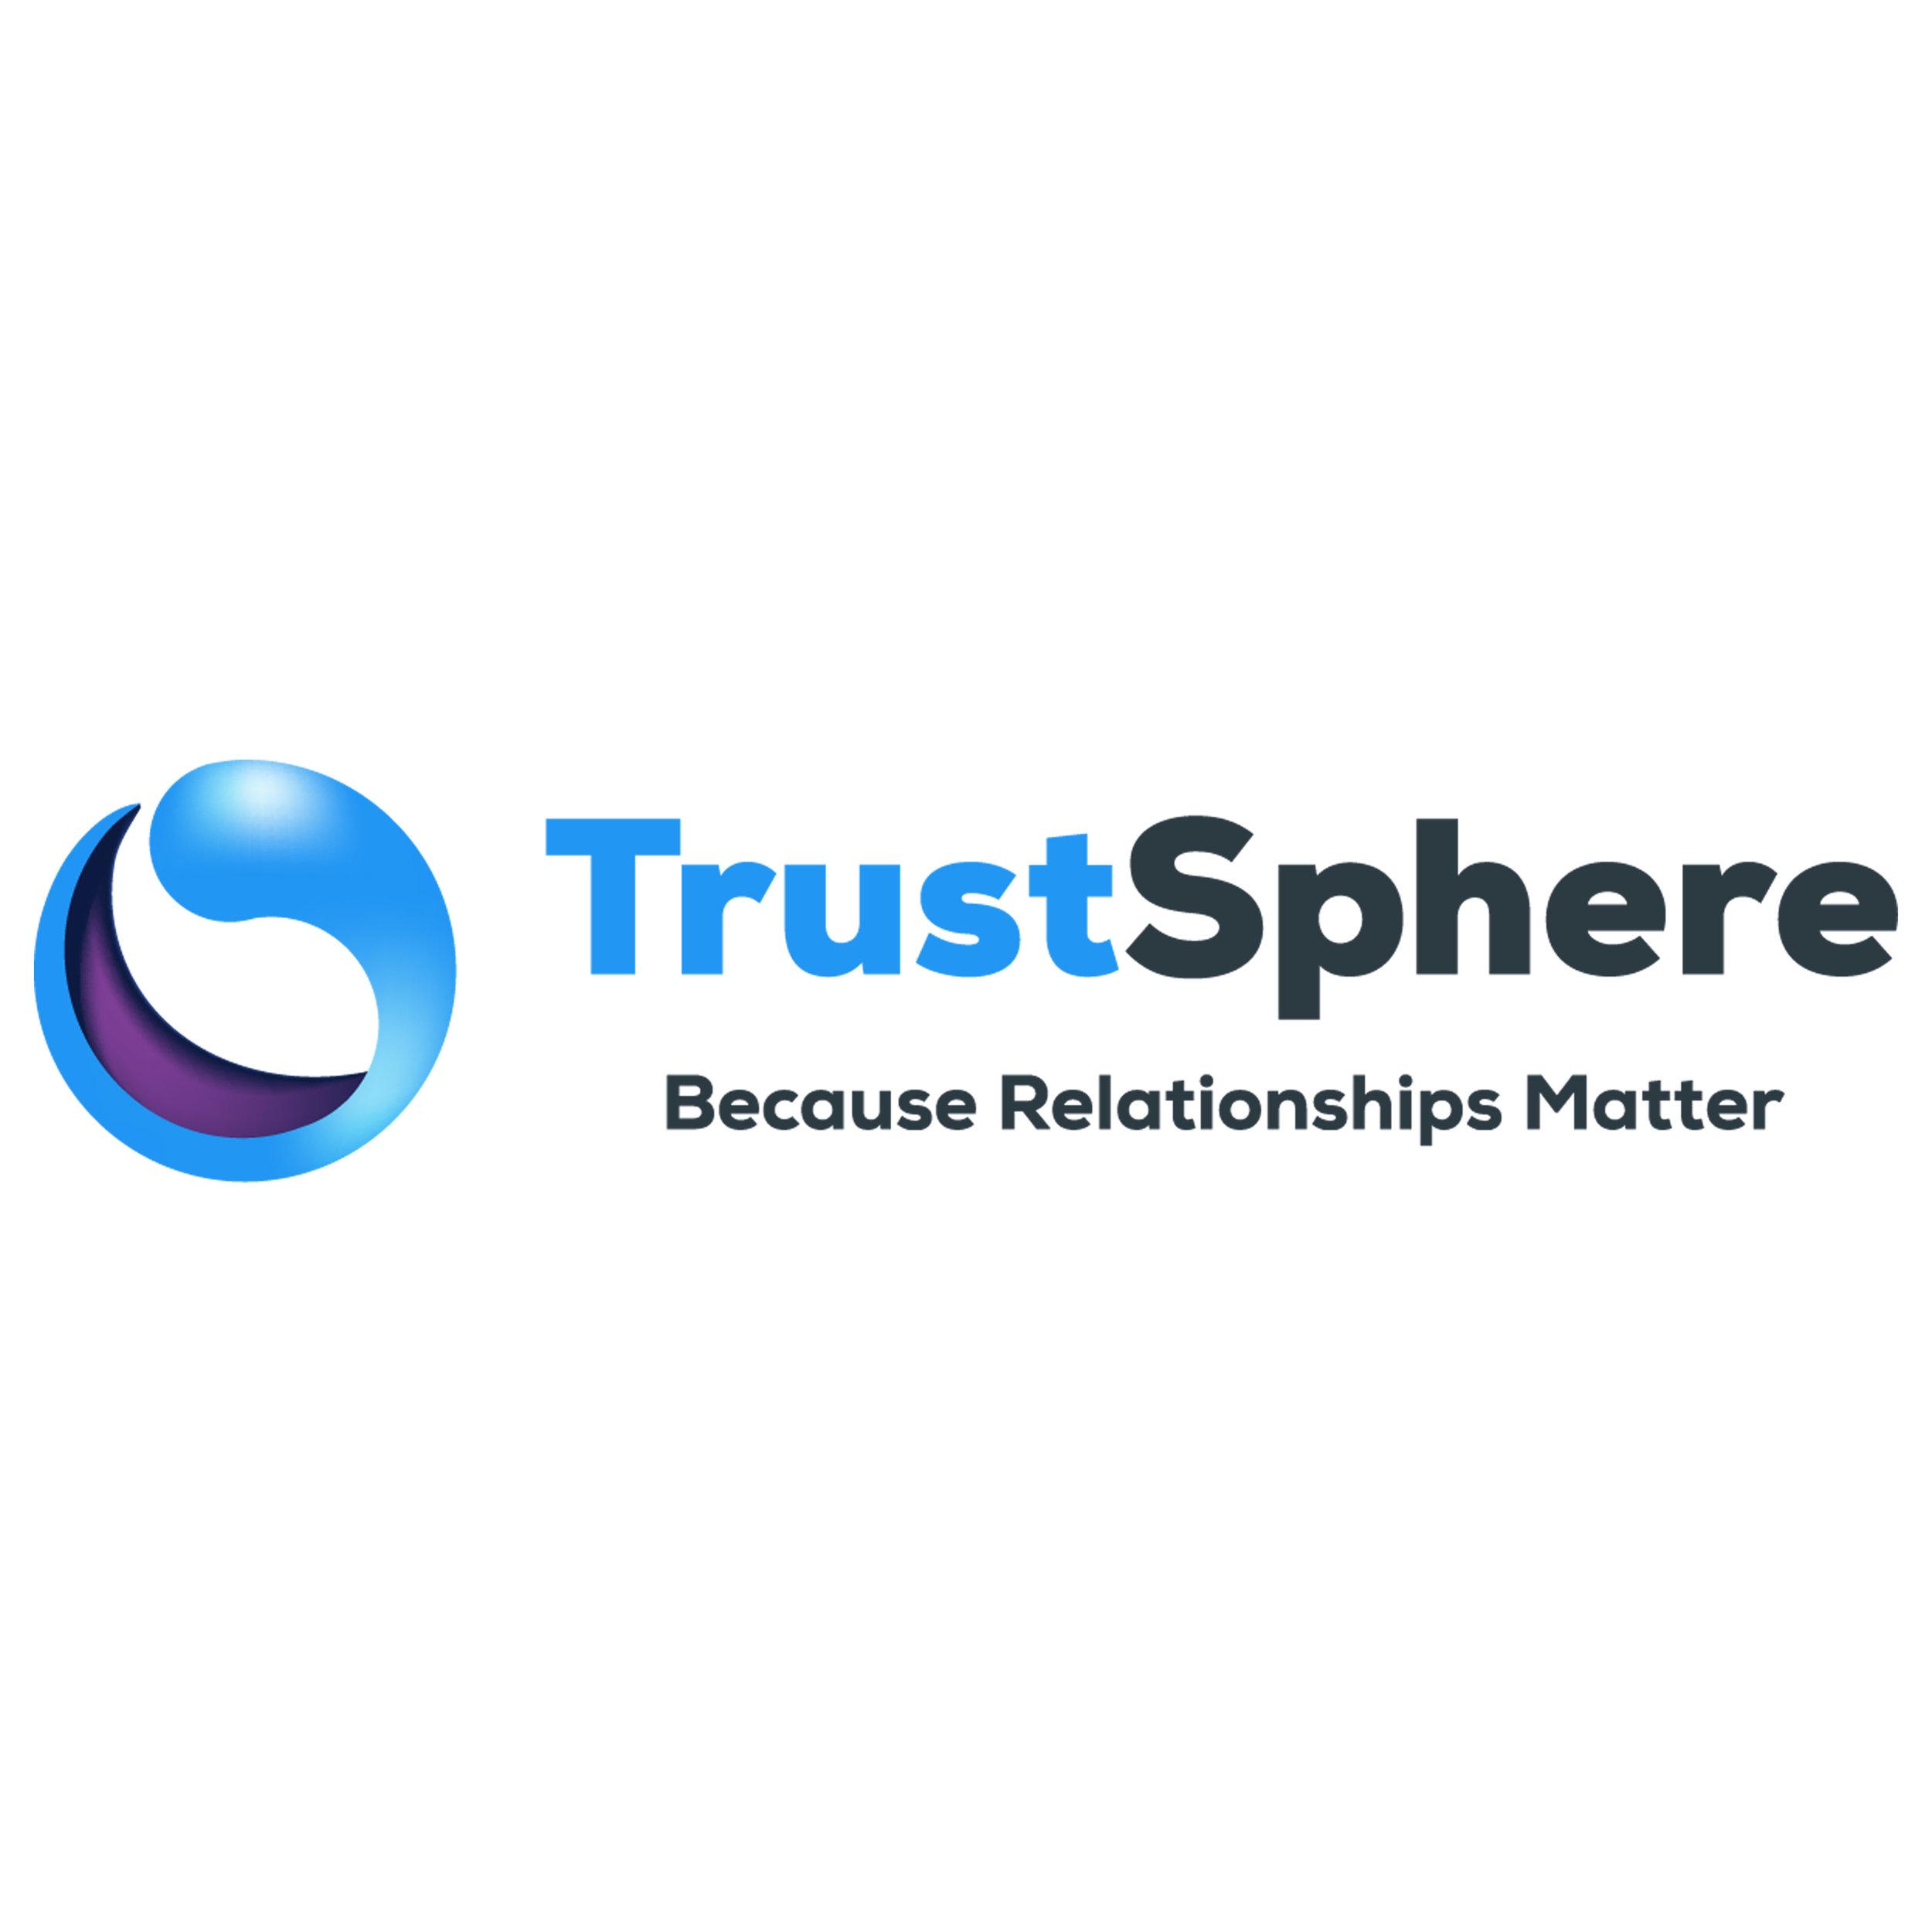 trustsphere.jpg